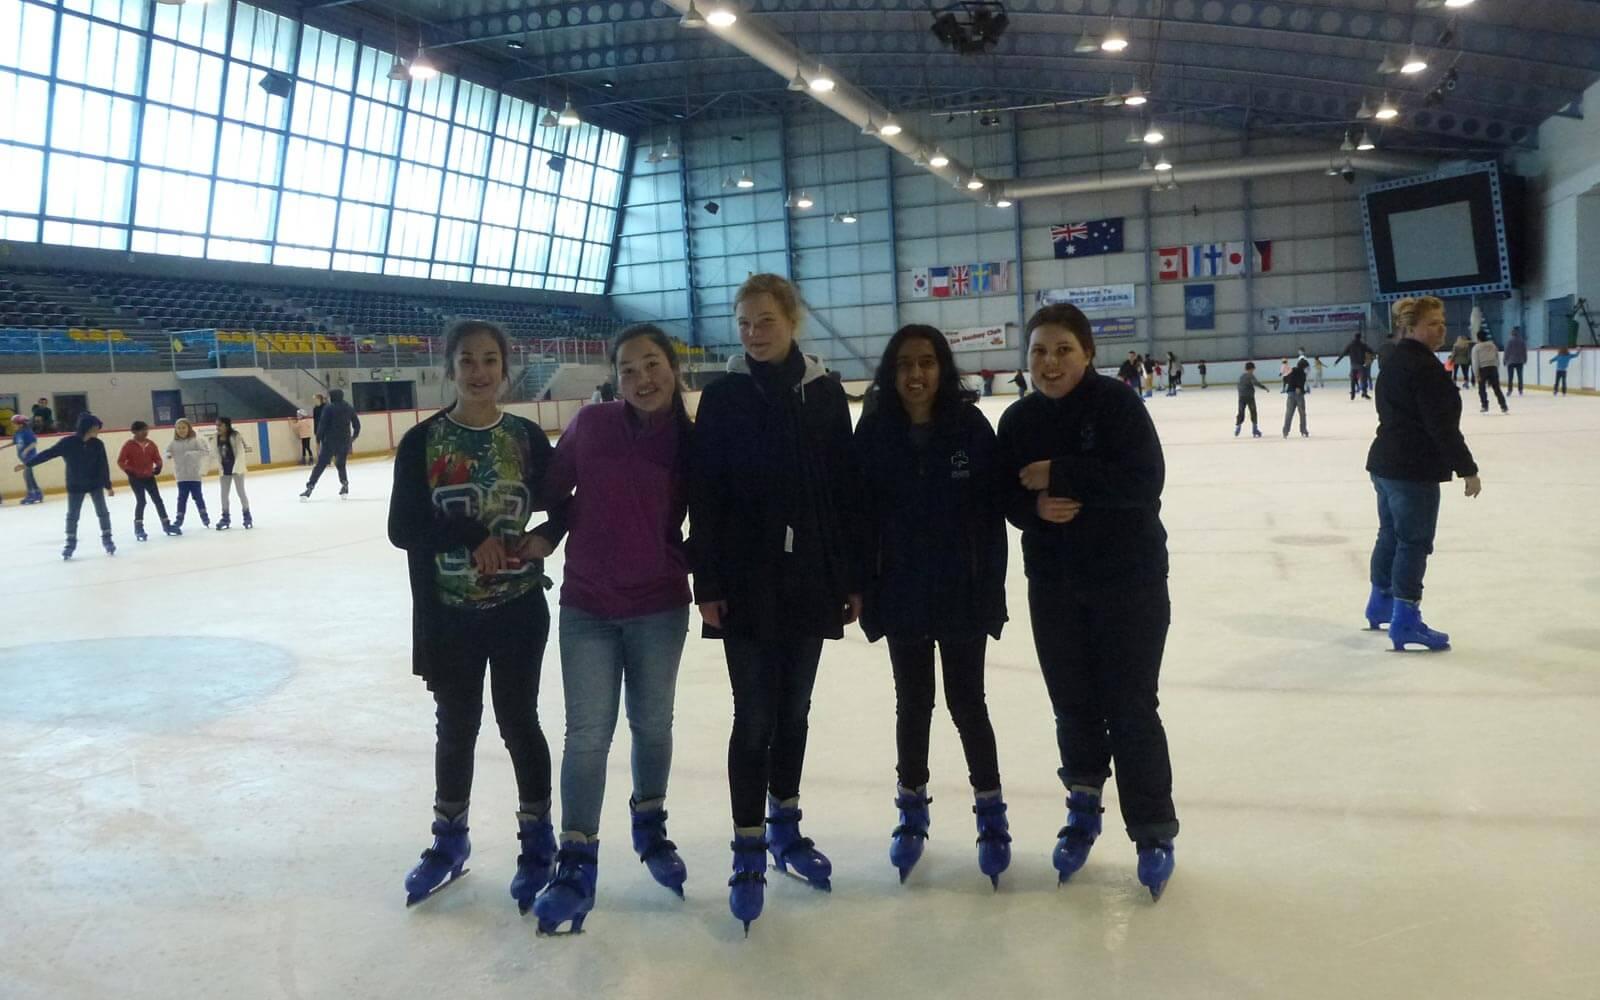 Lara beim Eislaufen in Australien